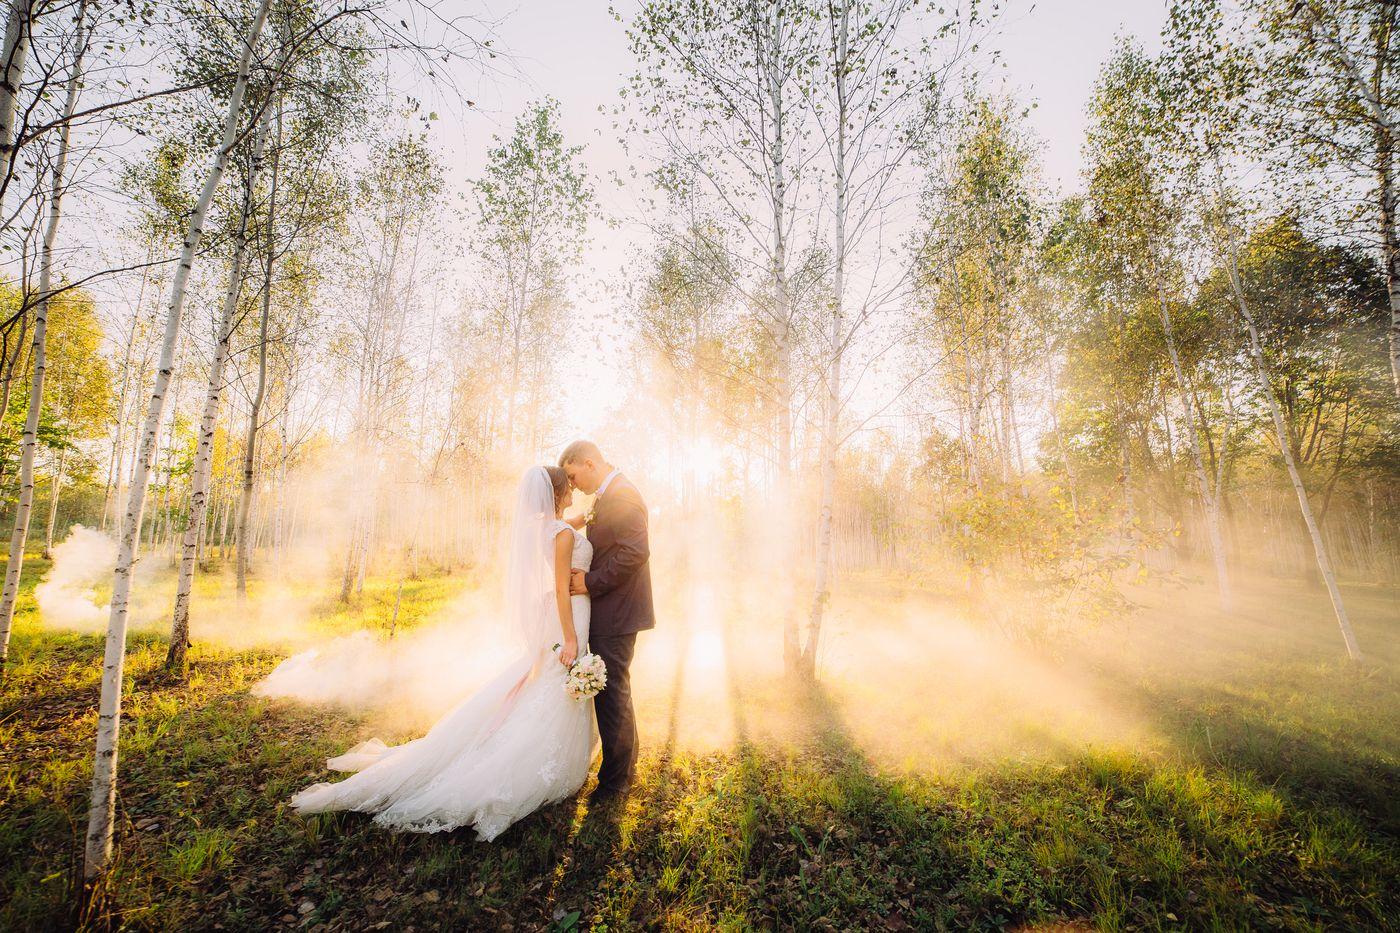 wed-2014-09-20-0421_s